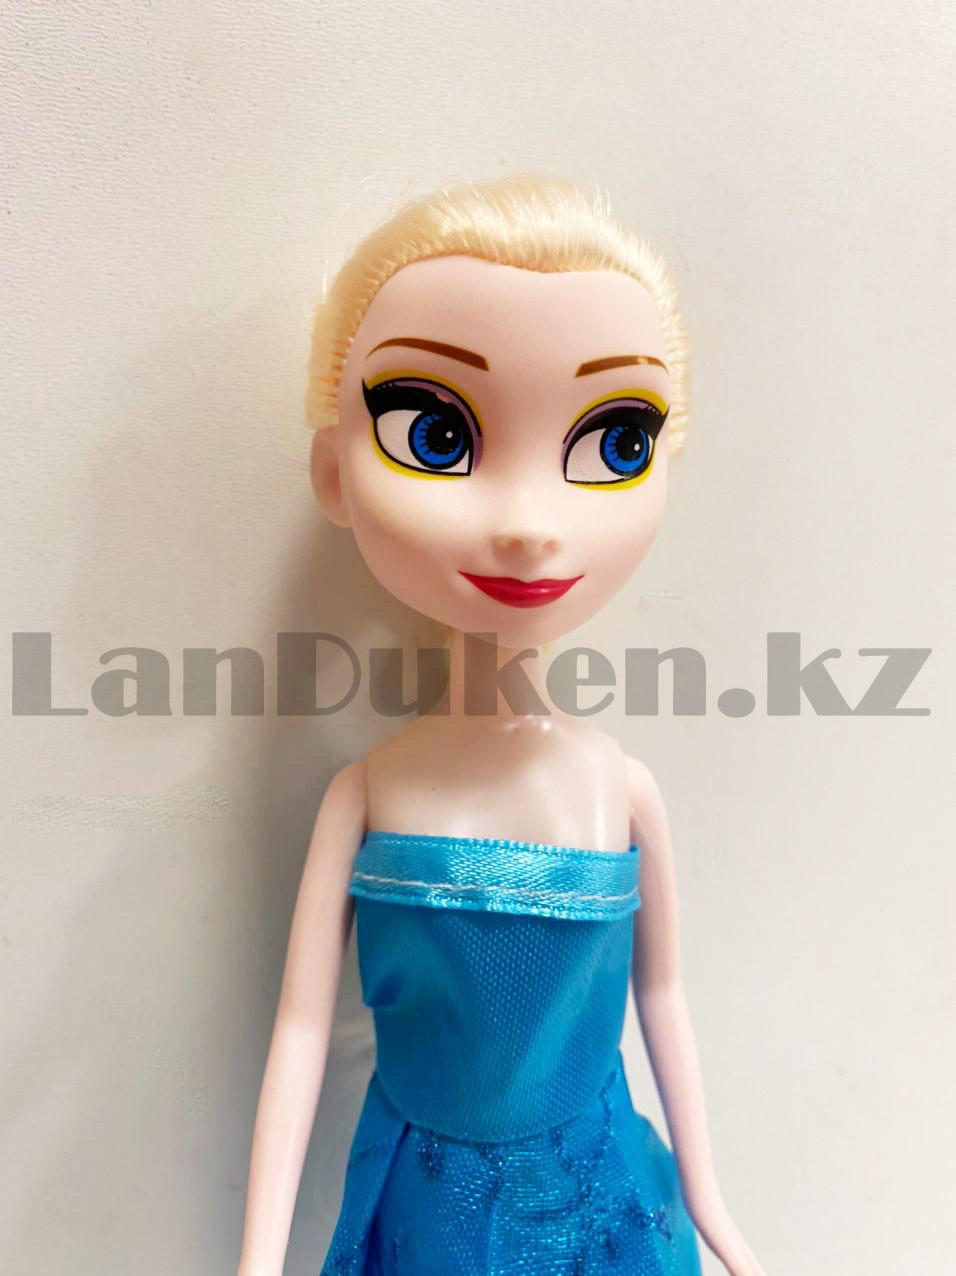 Кукла игрушечная детская Эльза Холодное сердце (Frozen) 23 см - фото 3